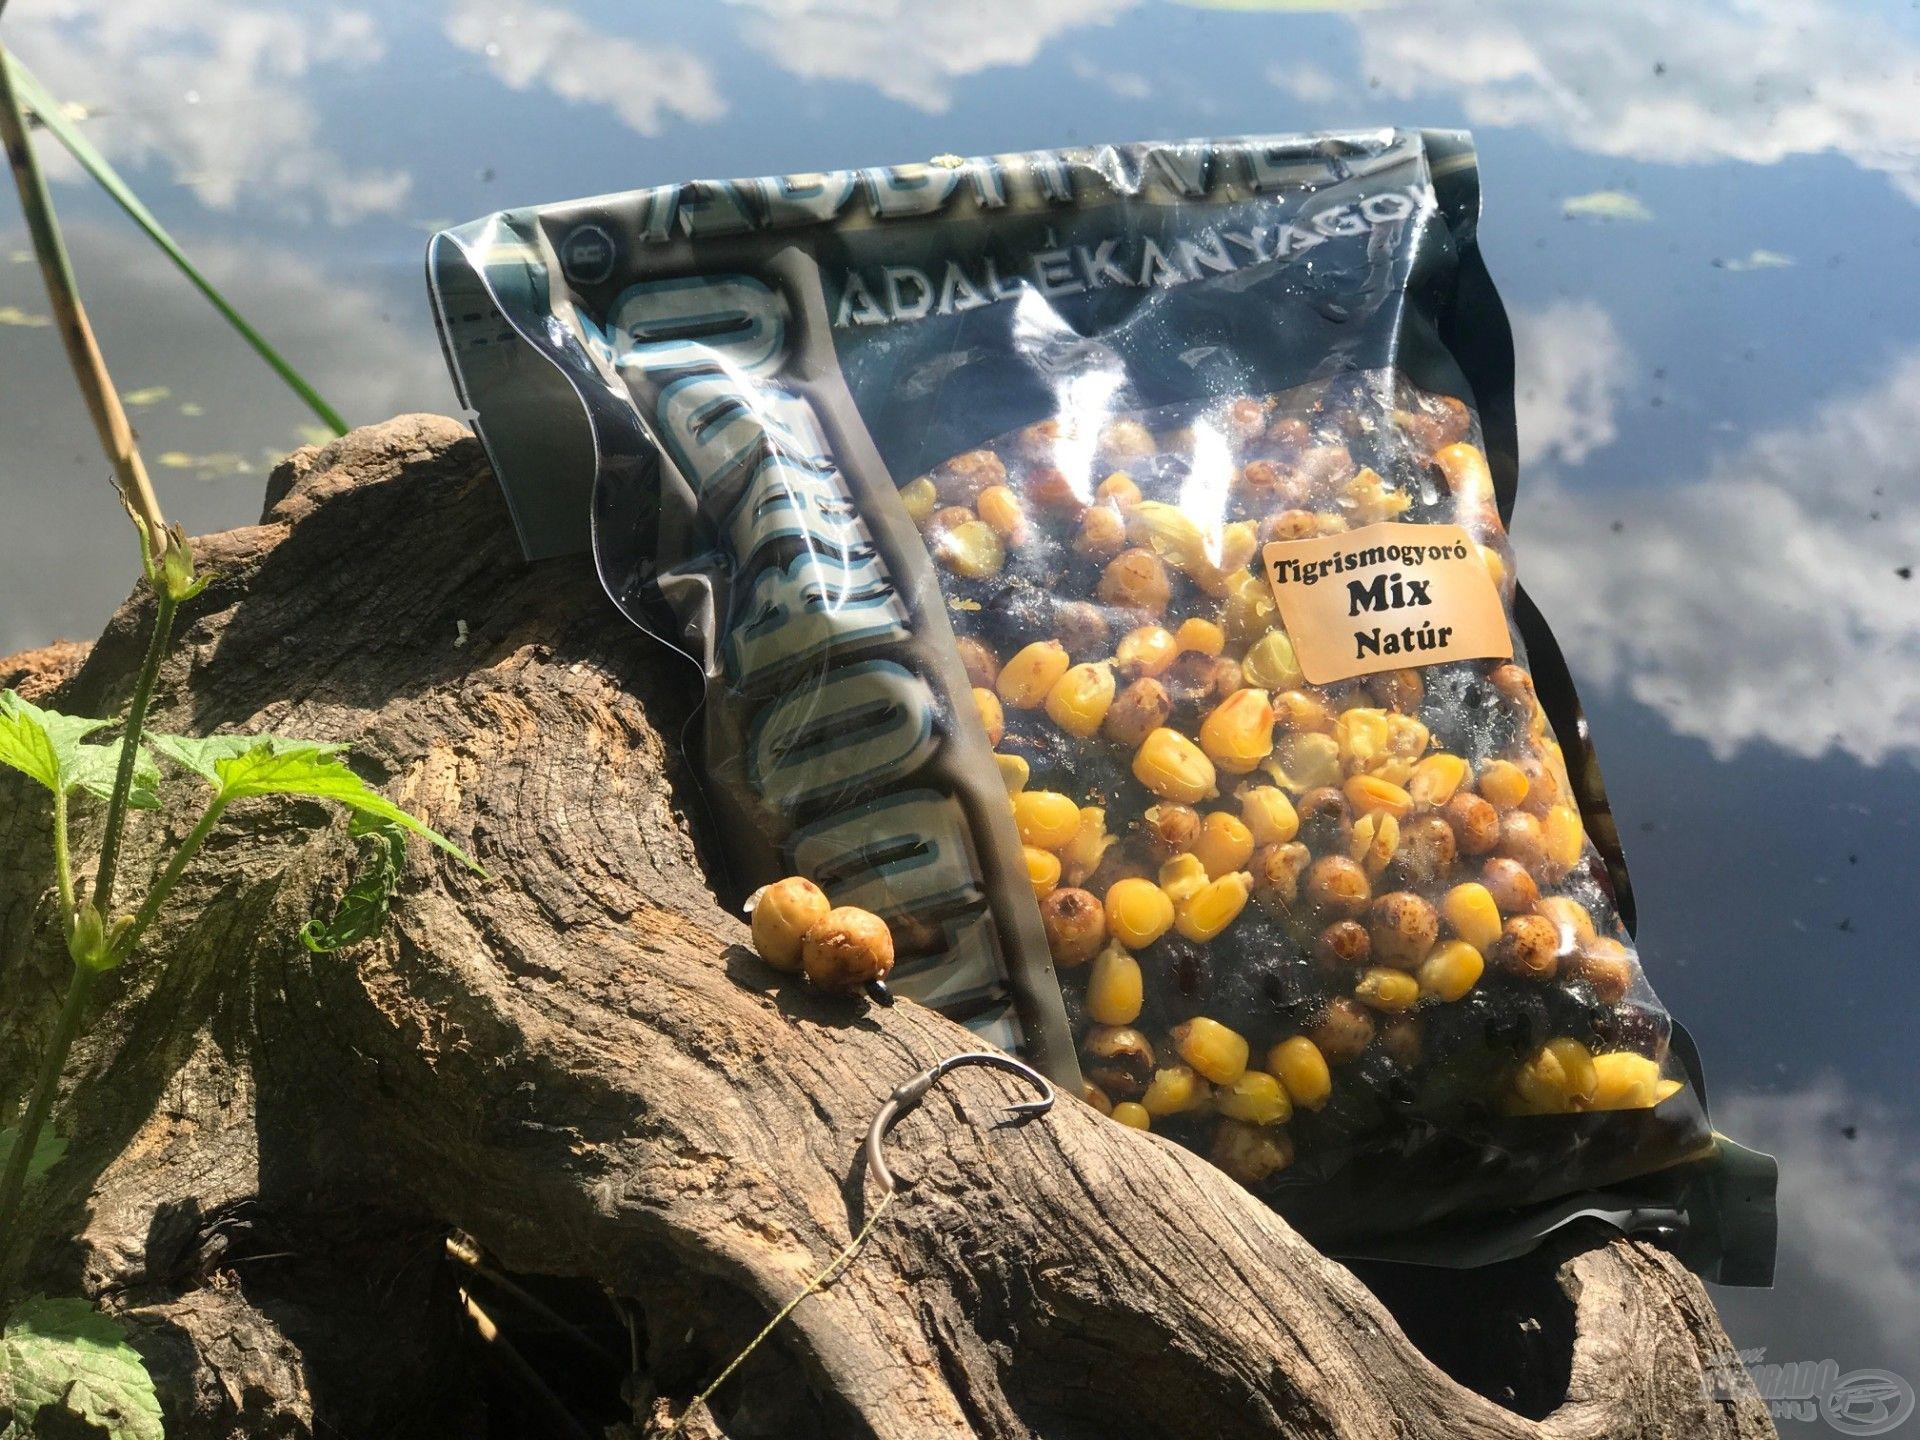 A Főtt Tigrismogyoró Mixünk tökéletes amuros alapozó etetés kialakítására és csalizni is érdemes belőle